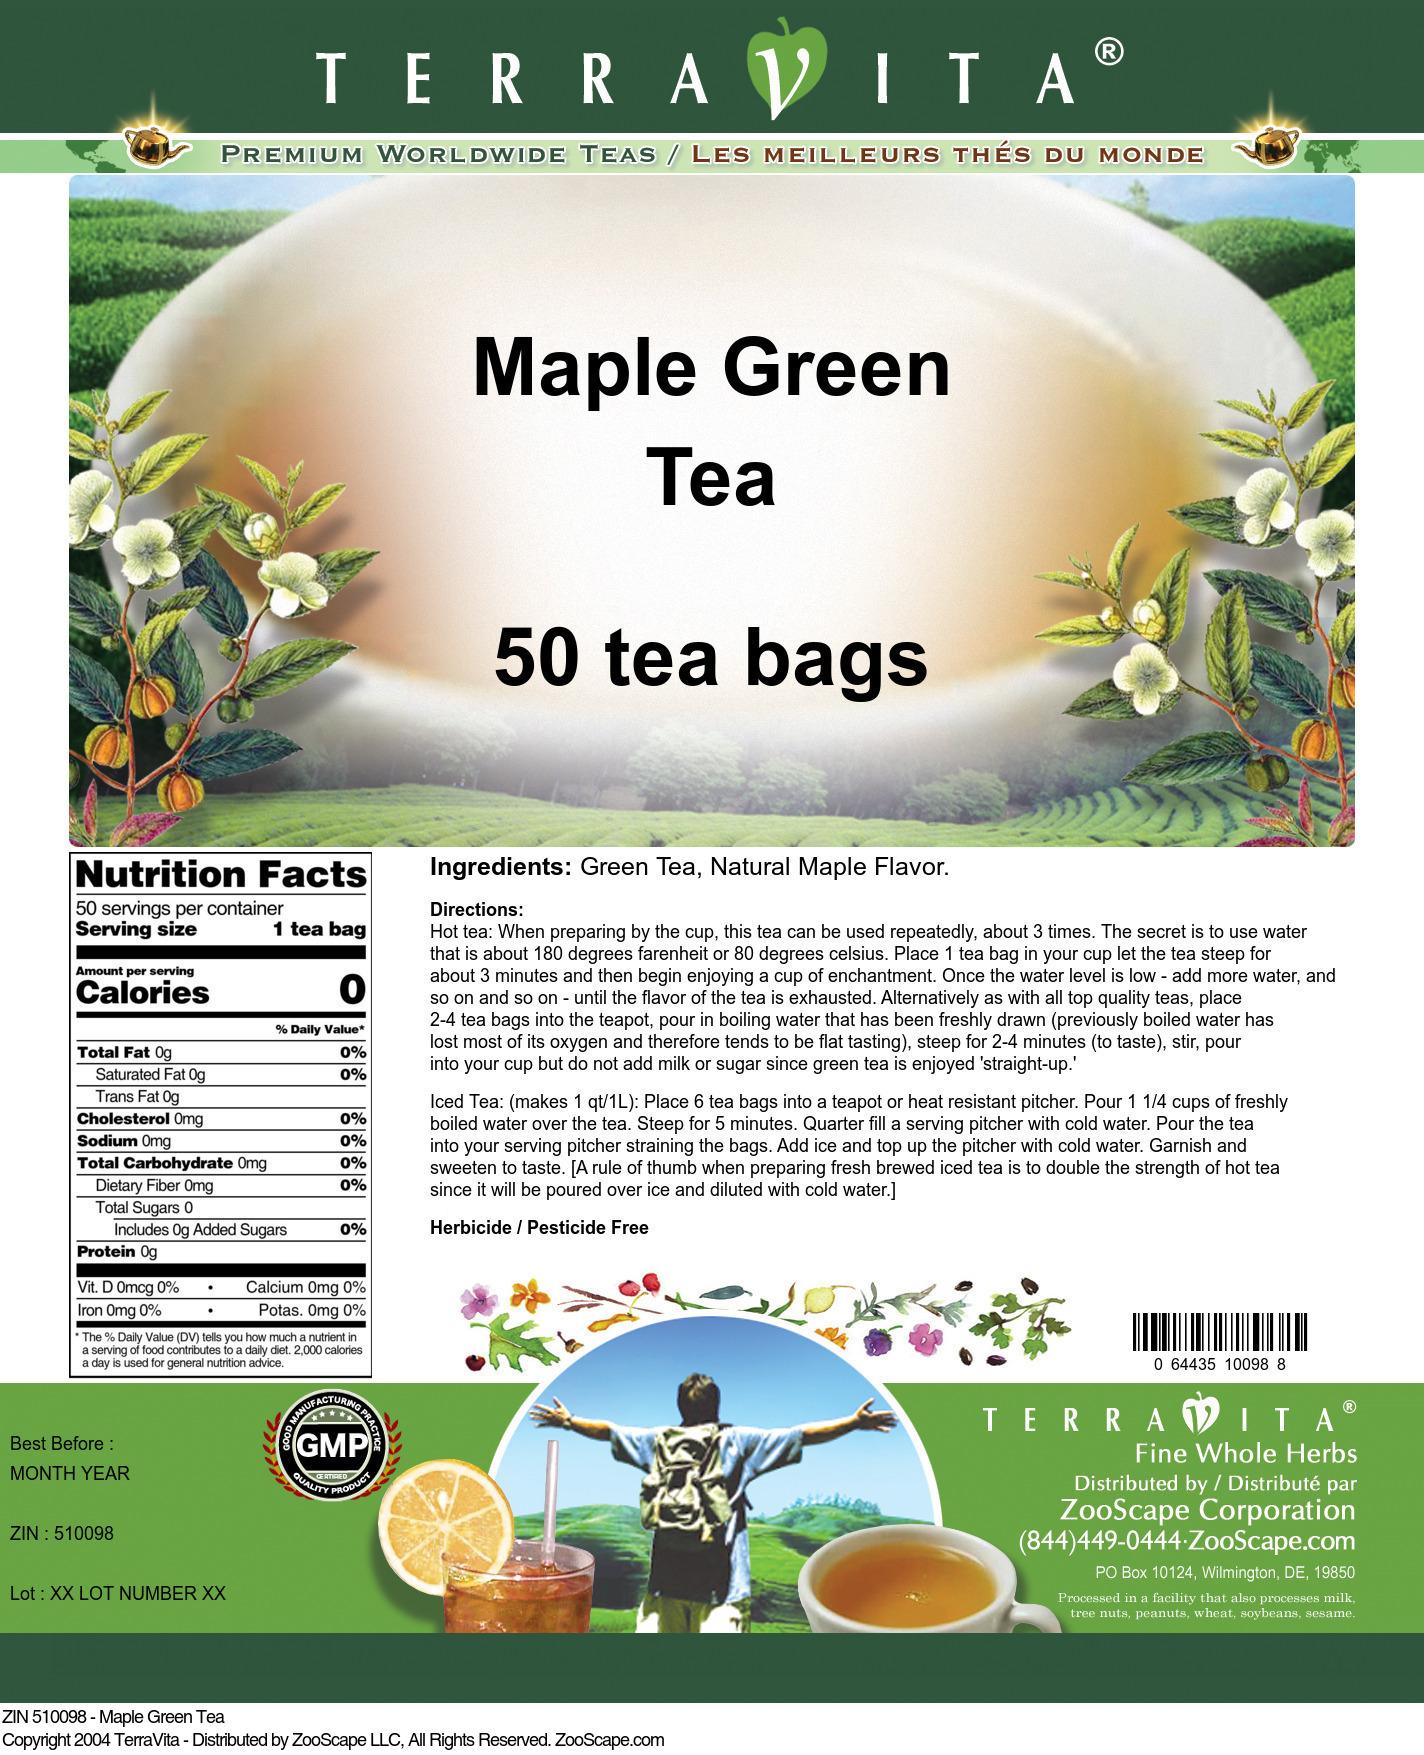 Maple Green Tea